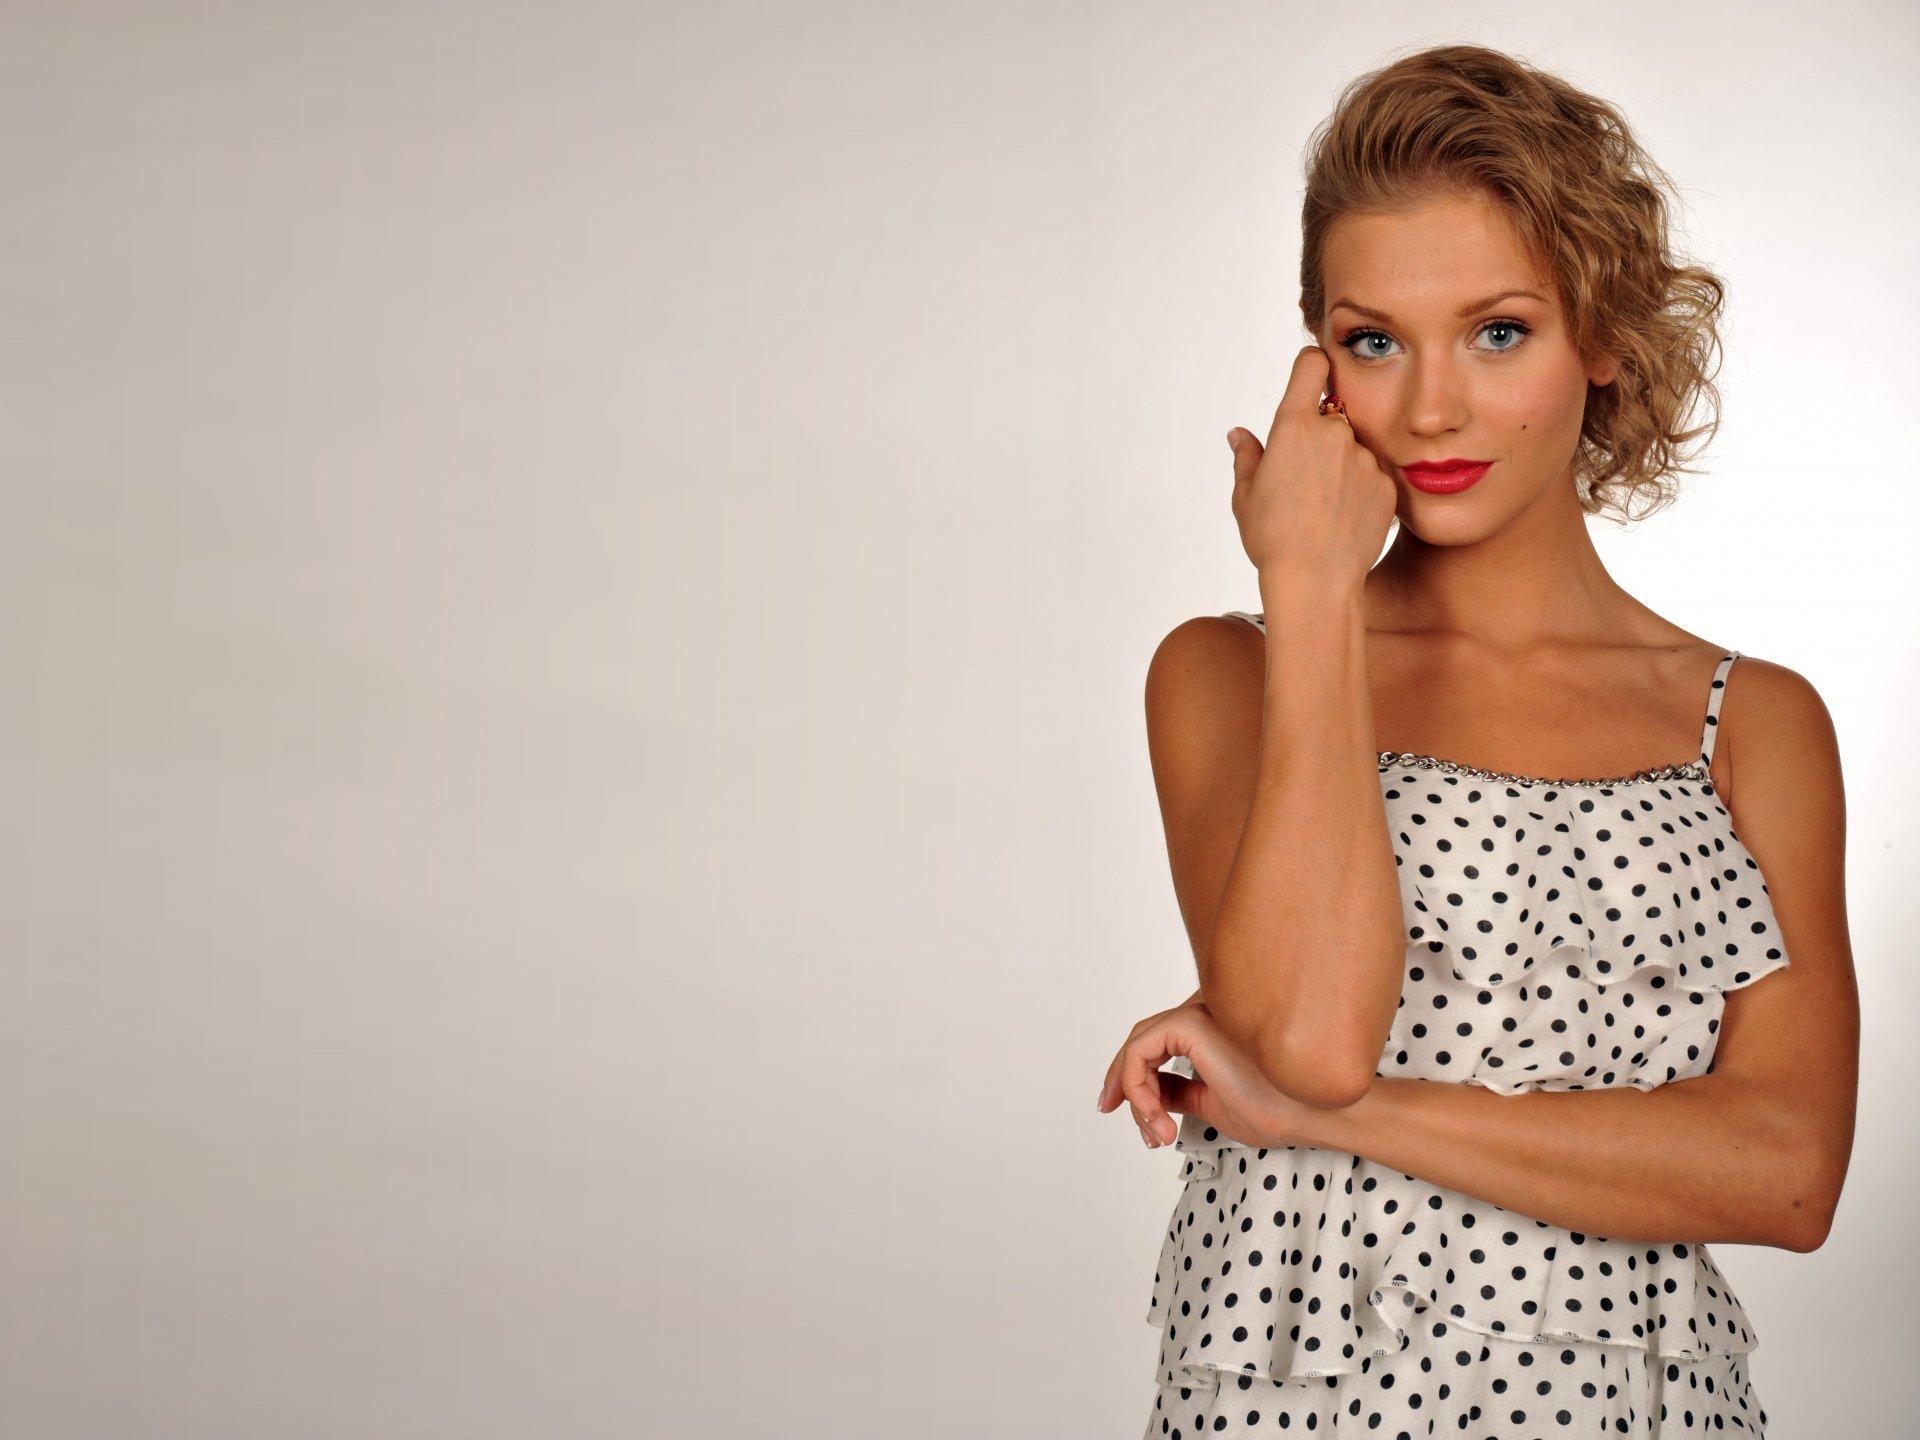 Фото на десктоп российских актрис #12